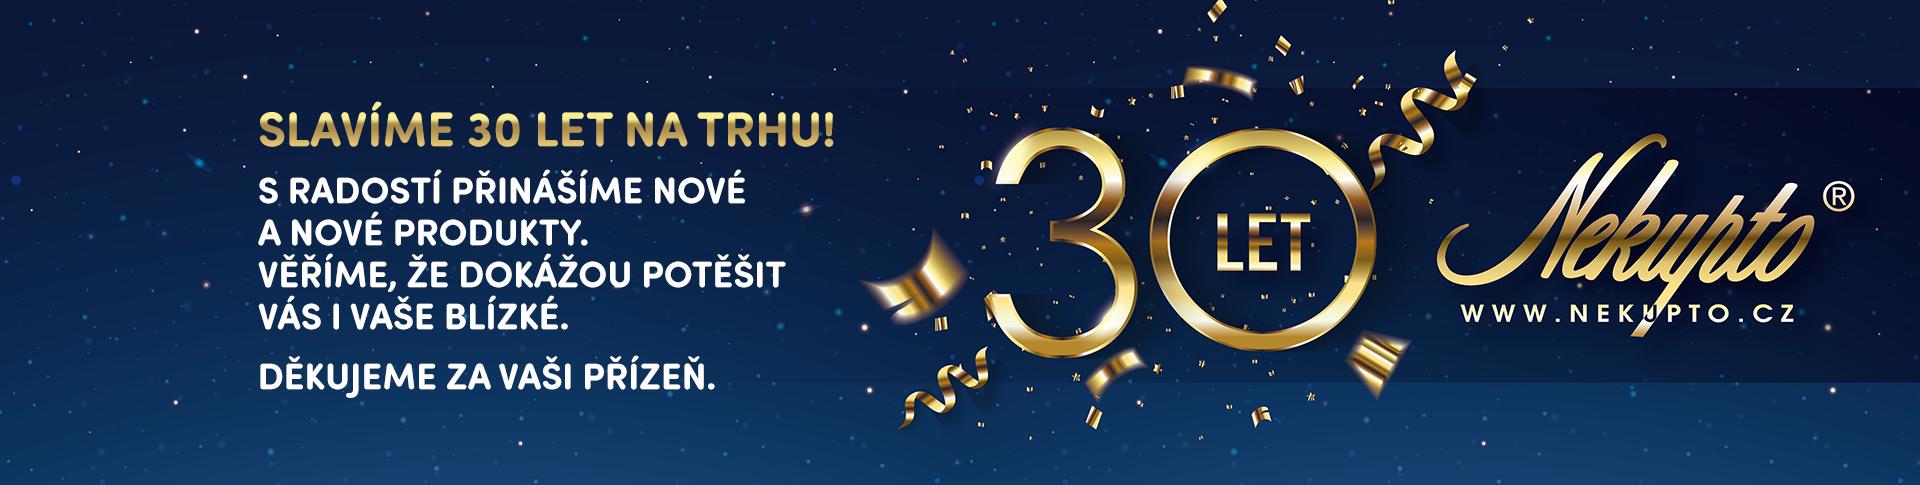 Nekupto 30 let - Slavíme 30 let na trhu!